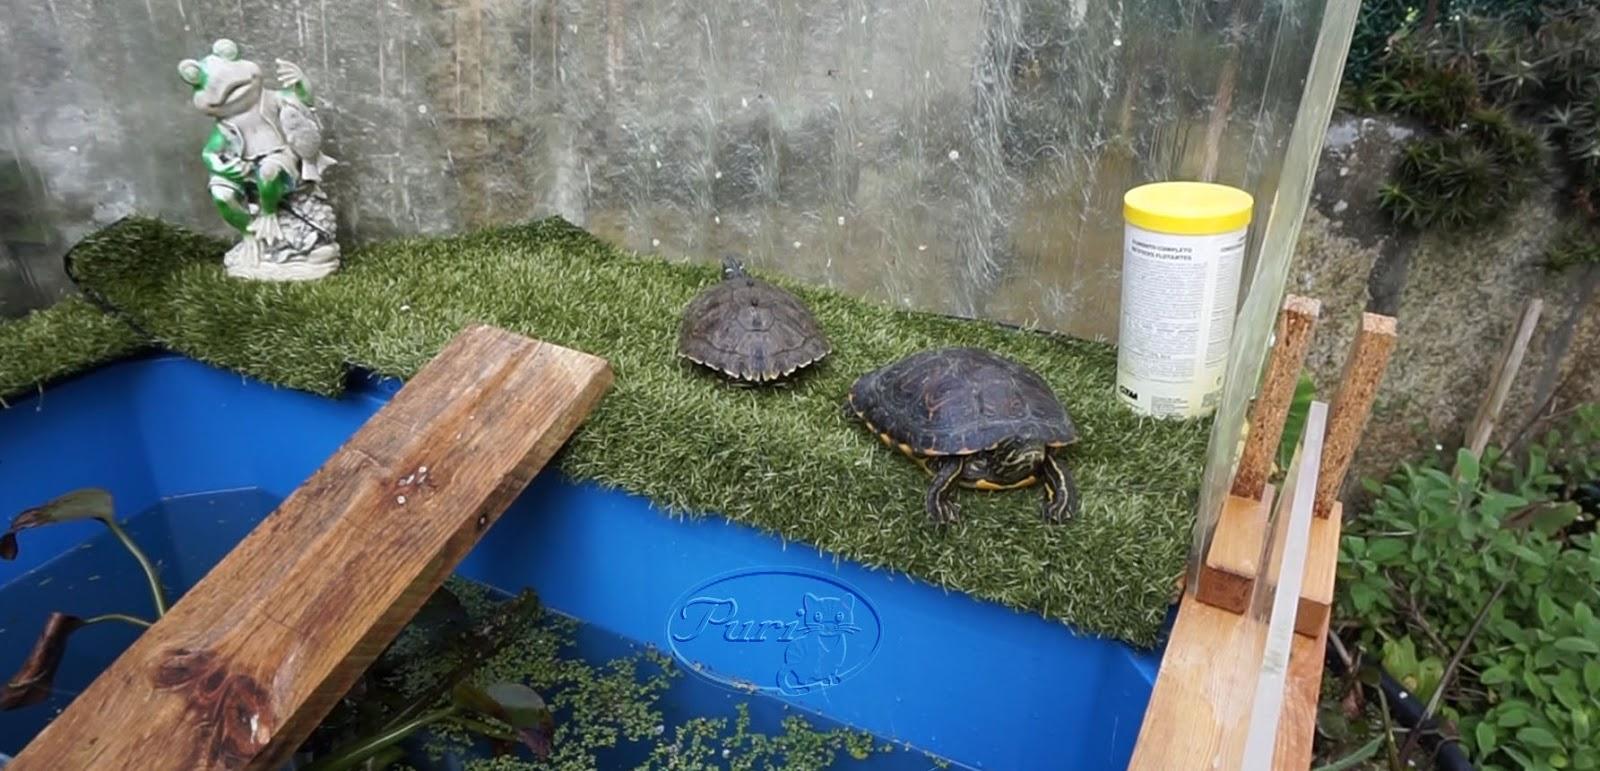 Mi jardin y mi huerto hacer un estanque de tortugas for Construir estanque